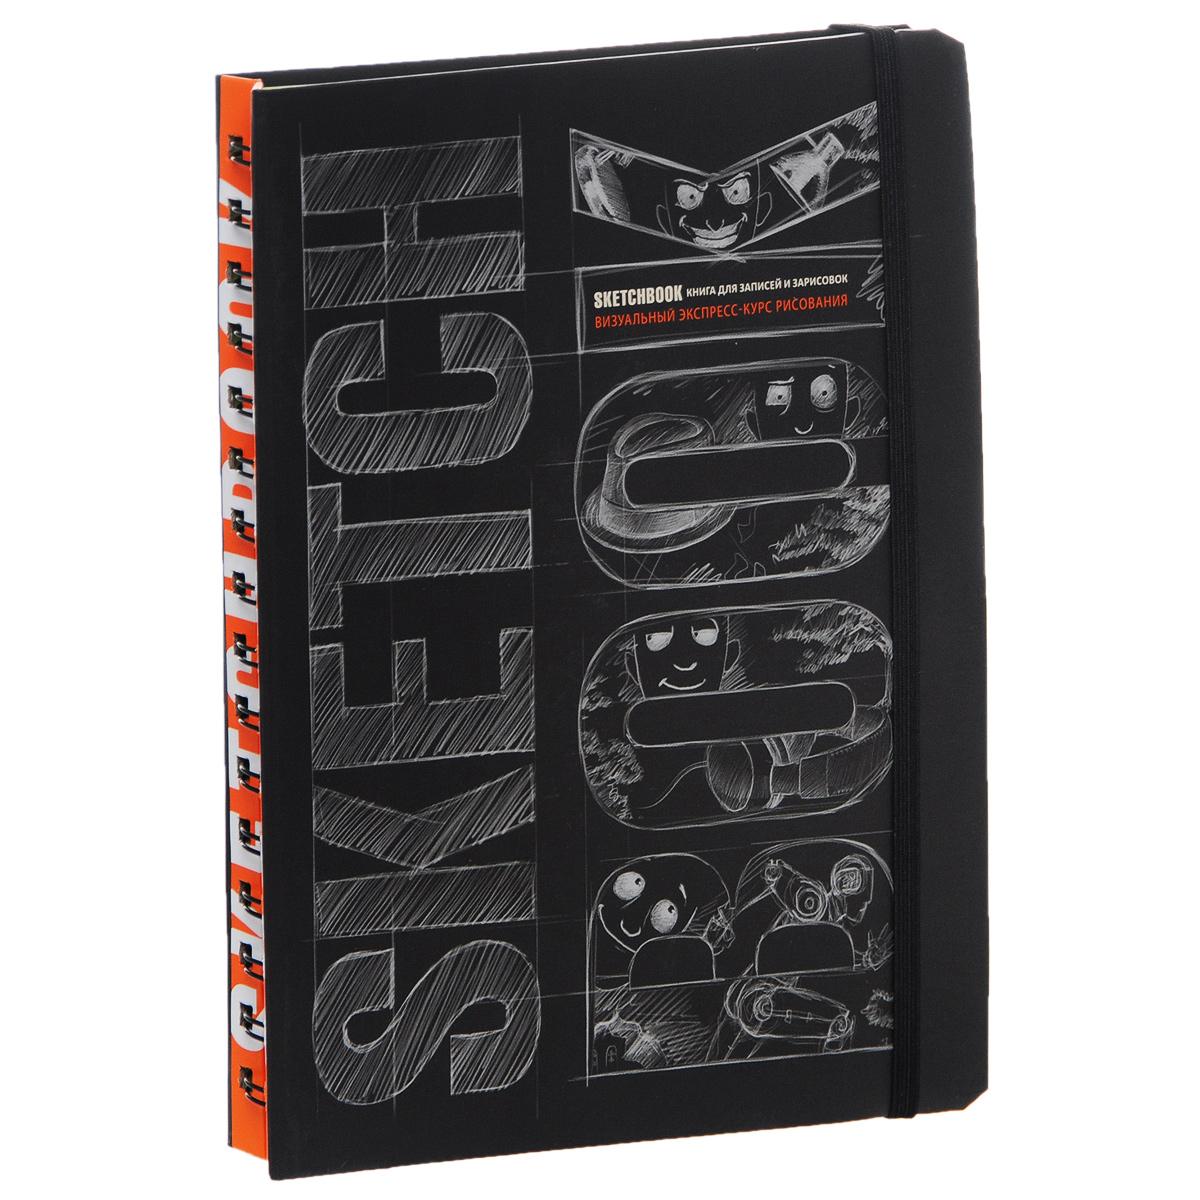 SketchBook. Книга для записей и зарисовок книги эксмо sketchbook книга для записей и зарисовок